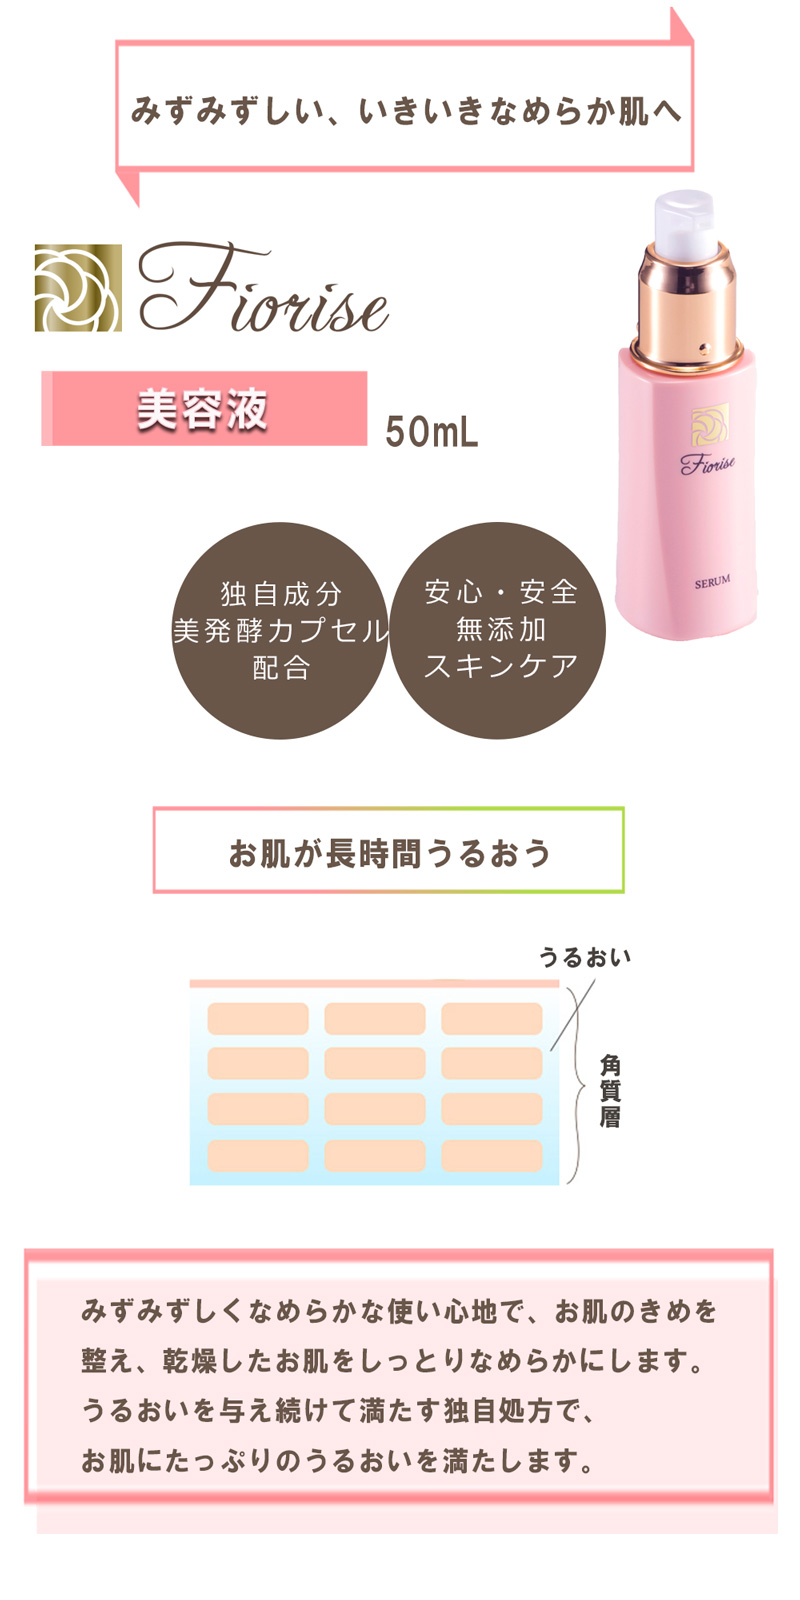 フィオライズミルクN120mL【あす楽送料無料】